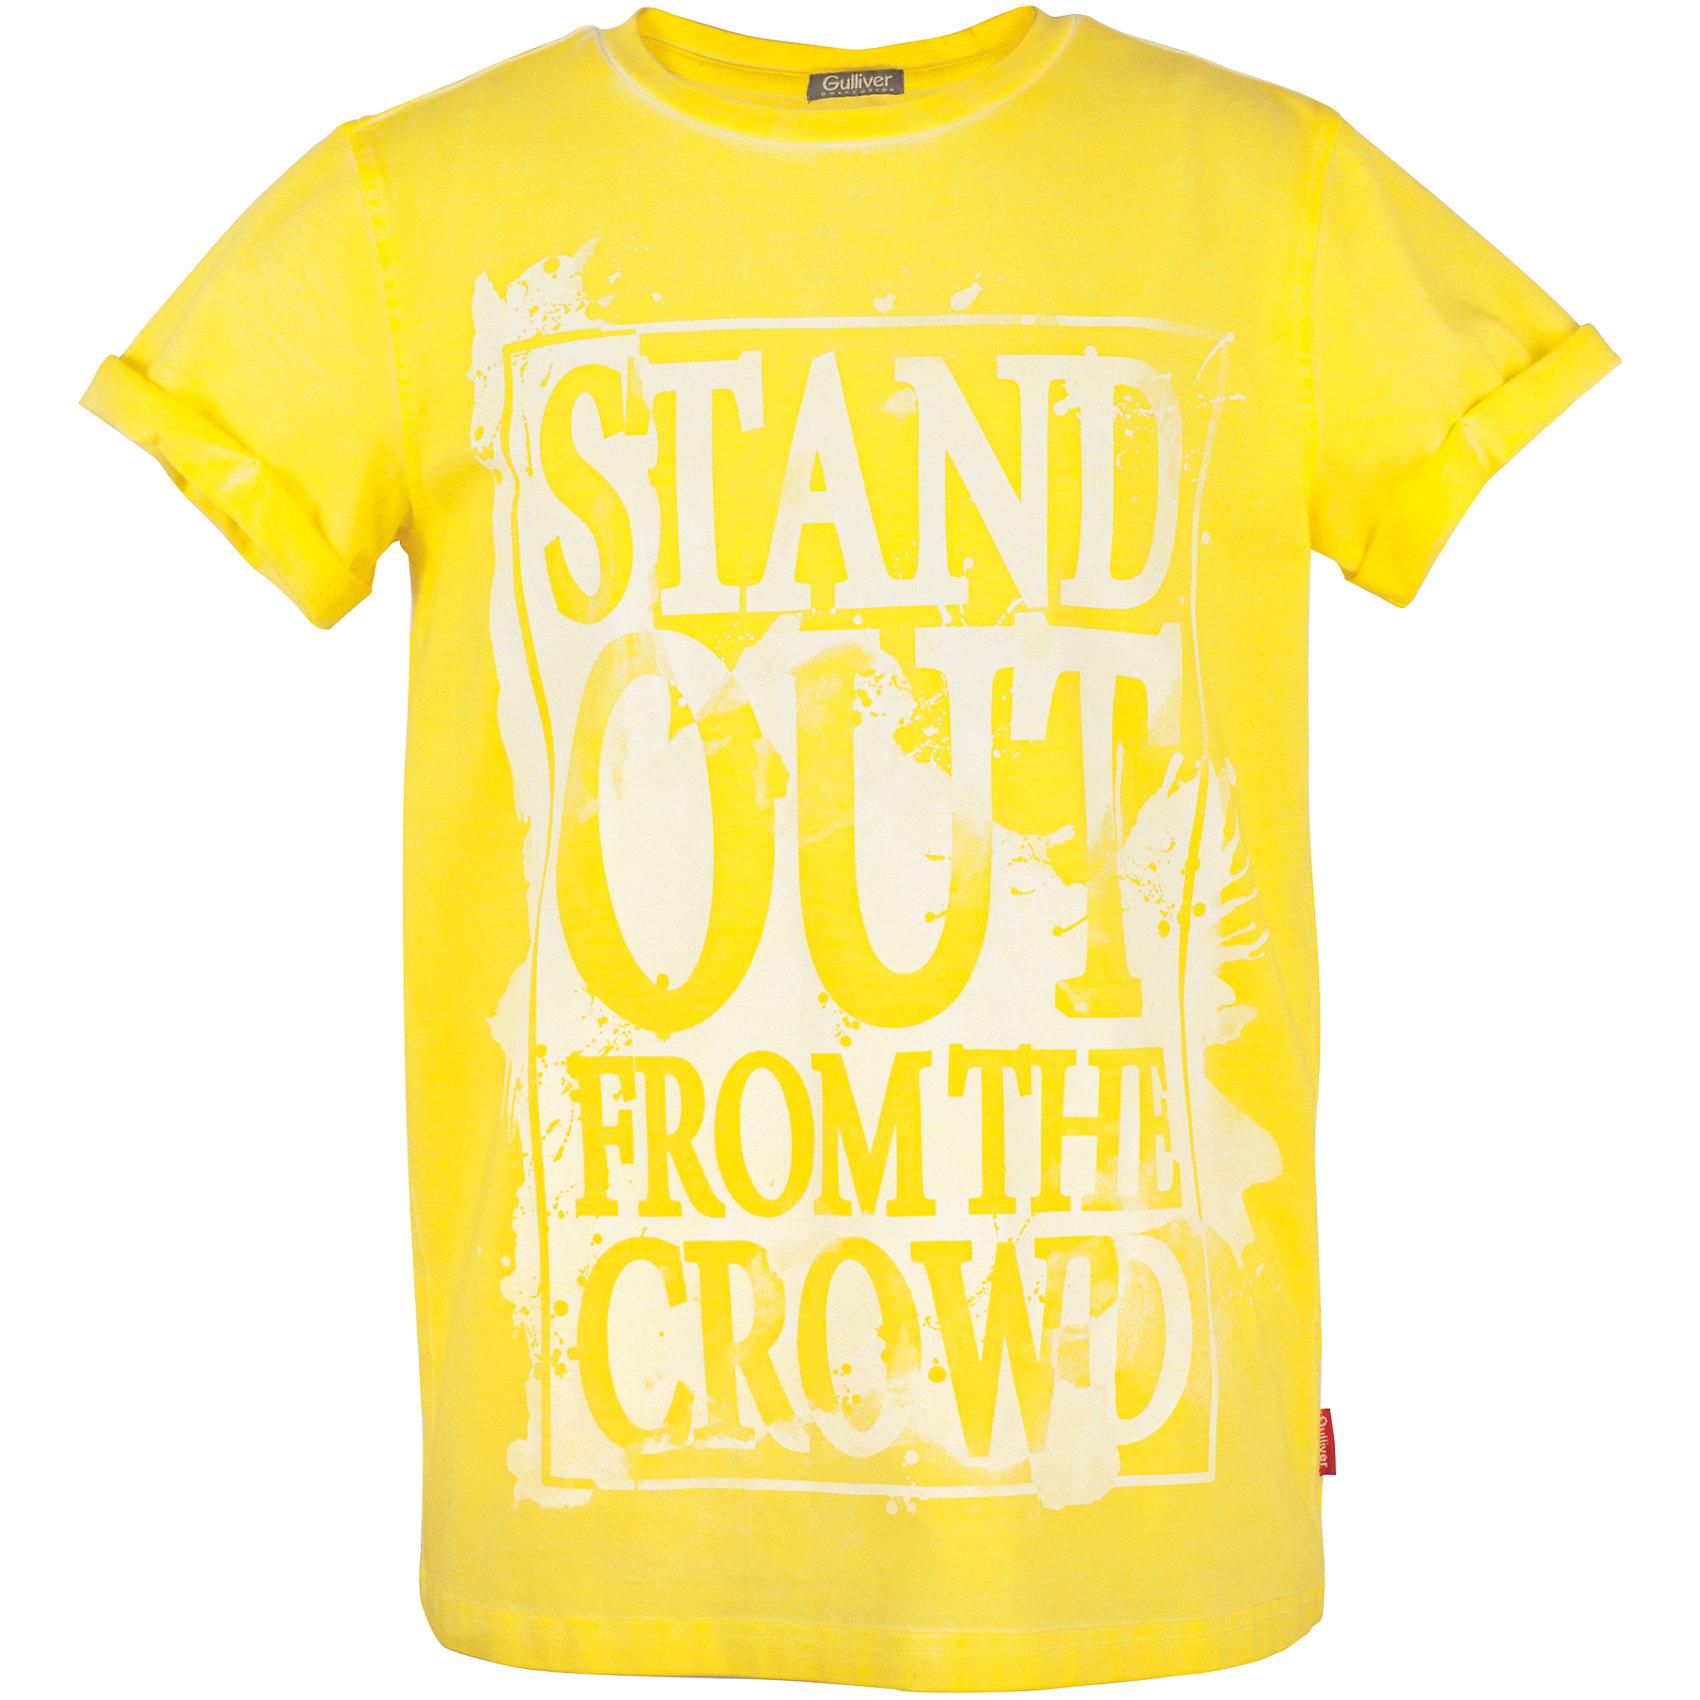 Футболка для мальчика GulliverМодные цветные футболки должны быть в летнем гардеробе подростка. Они способны повысить настроение и сделать каждый день ярким и комфортным! Желтая футболка для мальчика из коллекции Какаду - лучший пример футболки с рисунком: оригинальный декор, выполненный в технике принта делает изделие новым и оригинальным. Футболка выглядит стильно, эффектно, интересно. Если вы решили обновить летний гардероб ребенка и купить модные футболки для лета, помните - цветная футболка для мальчика с принтом  прекрасно дополнит собой любые джинсы, шорты, брюки, создав отличный современный образ.<br>Состав:<br>95% хлопок      5% эластан<br><br>Ширина мм: 199<br>Глубина мм: 10<br>Высота мм: 161<br>Вес г: 151<br>Цвет: желтый<br>Возраст от месяцев: 156<br>Возраст до месяцев: 168<br>Пол: Мужской<br>Возраст: Детский<br>Размер: 164,146,152,158<br>SKU: 5483267